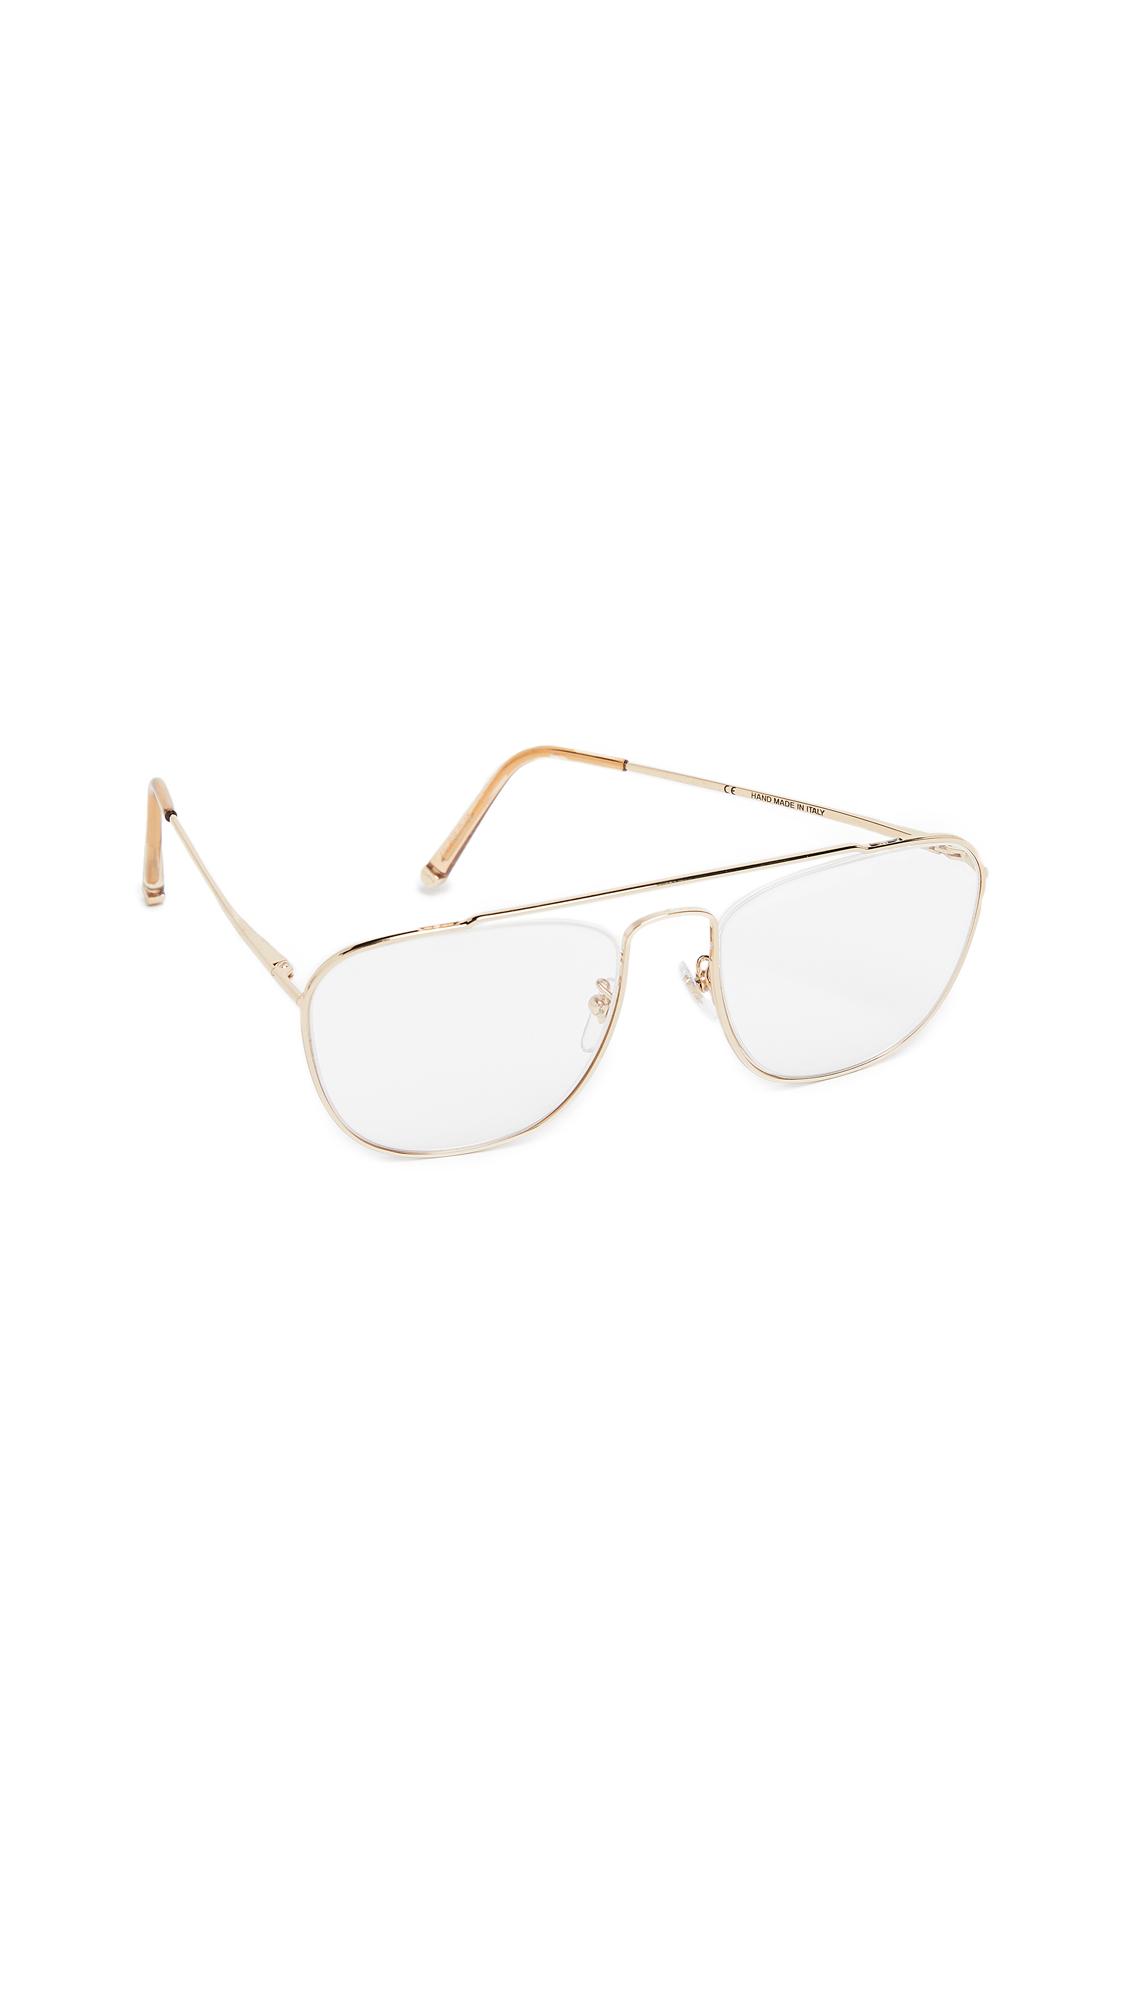 SUPER SUNGLASSES Numero 47 Glasses in Gold